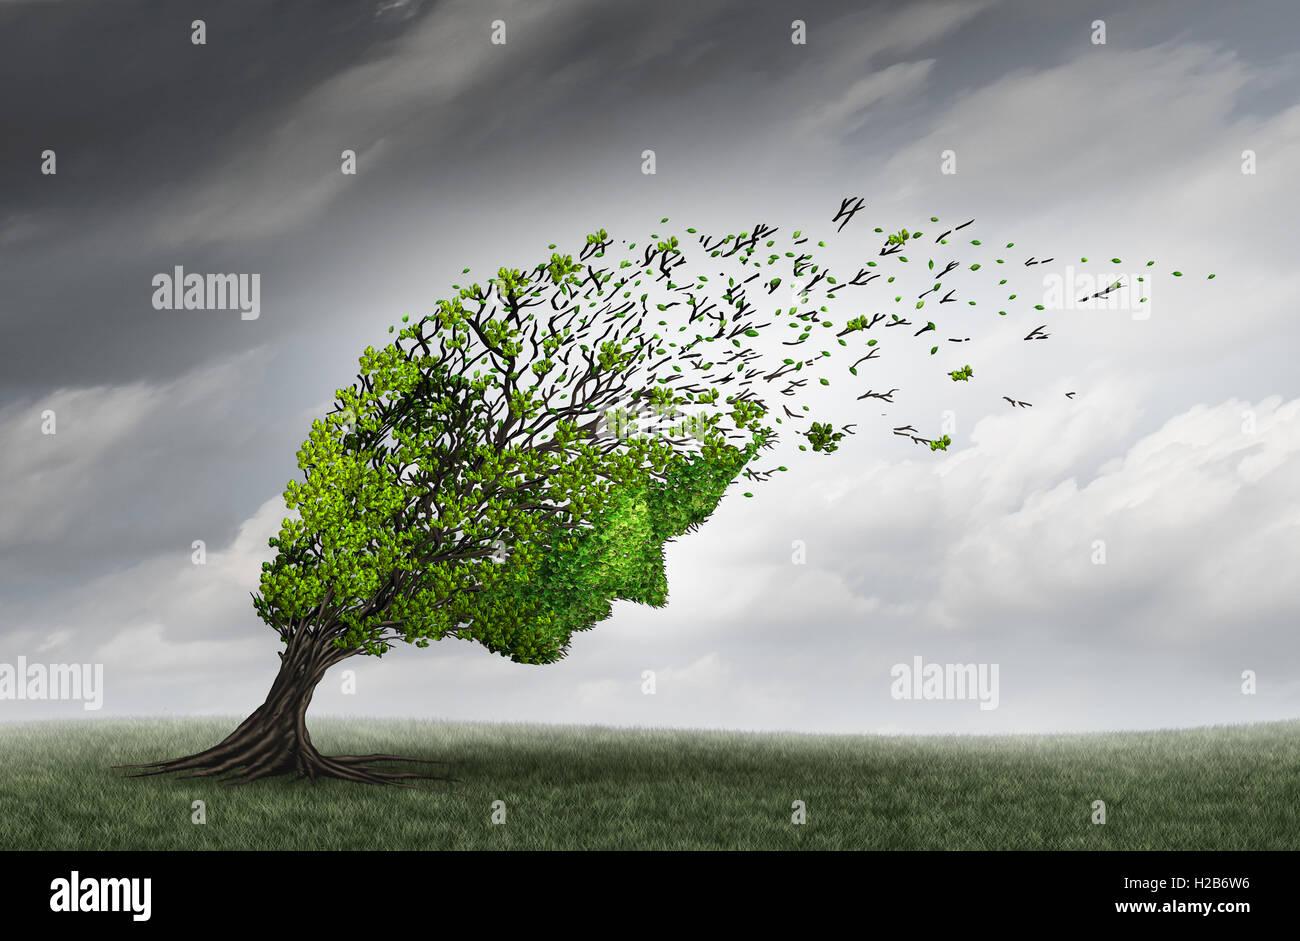 Des problèmes psychologiques et de santé mentale crise l'adversité qu'un arbre en forme d'une Photo Stock